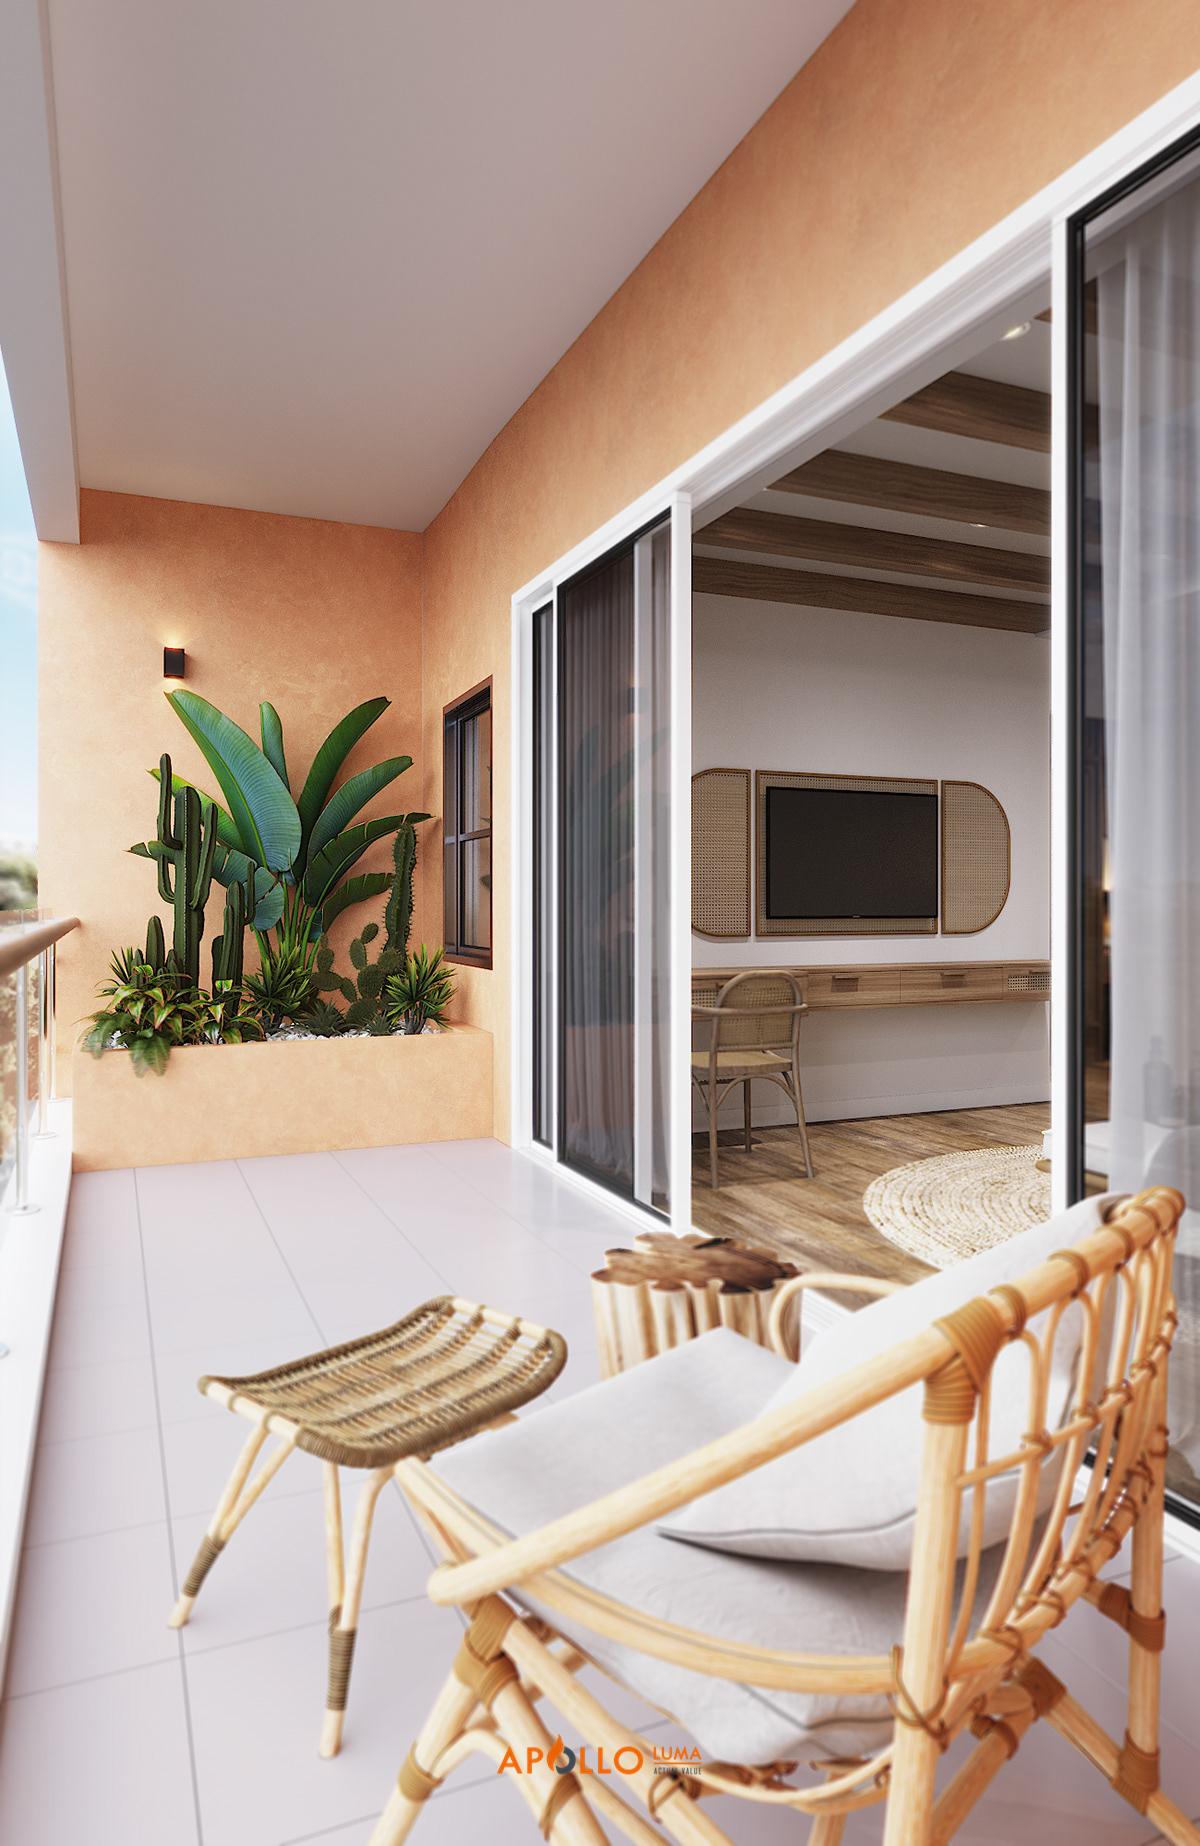 Phong cách nội thất Tropical (Nhiệt đới)